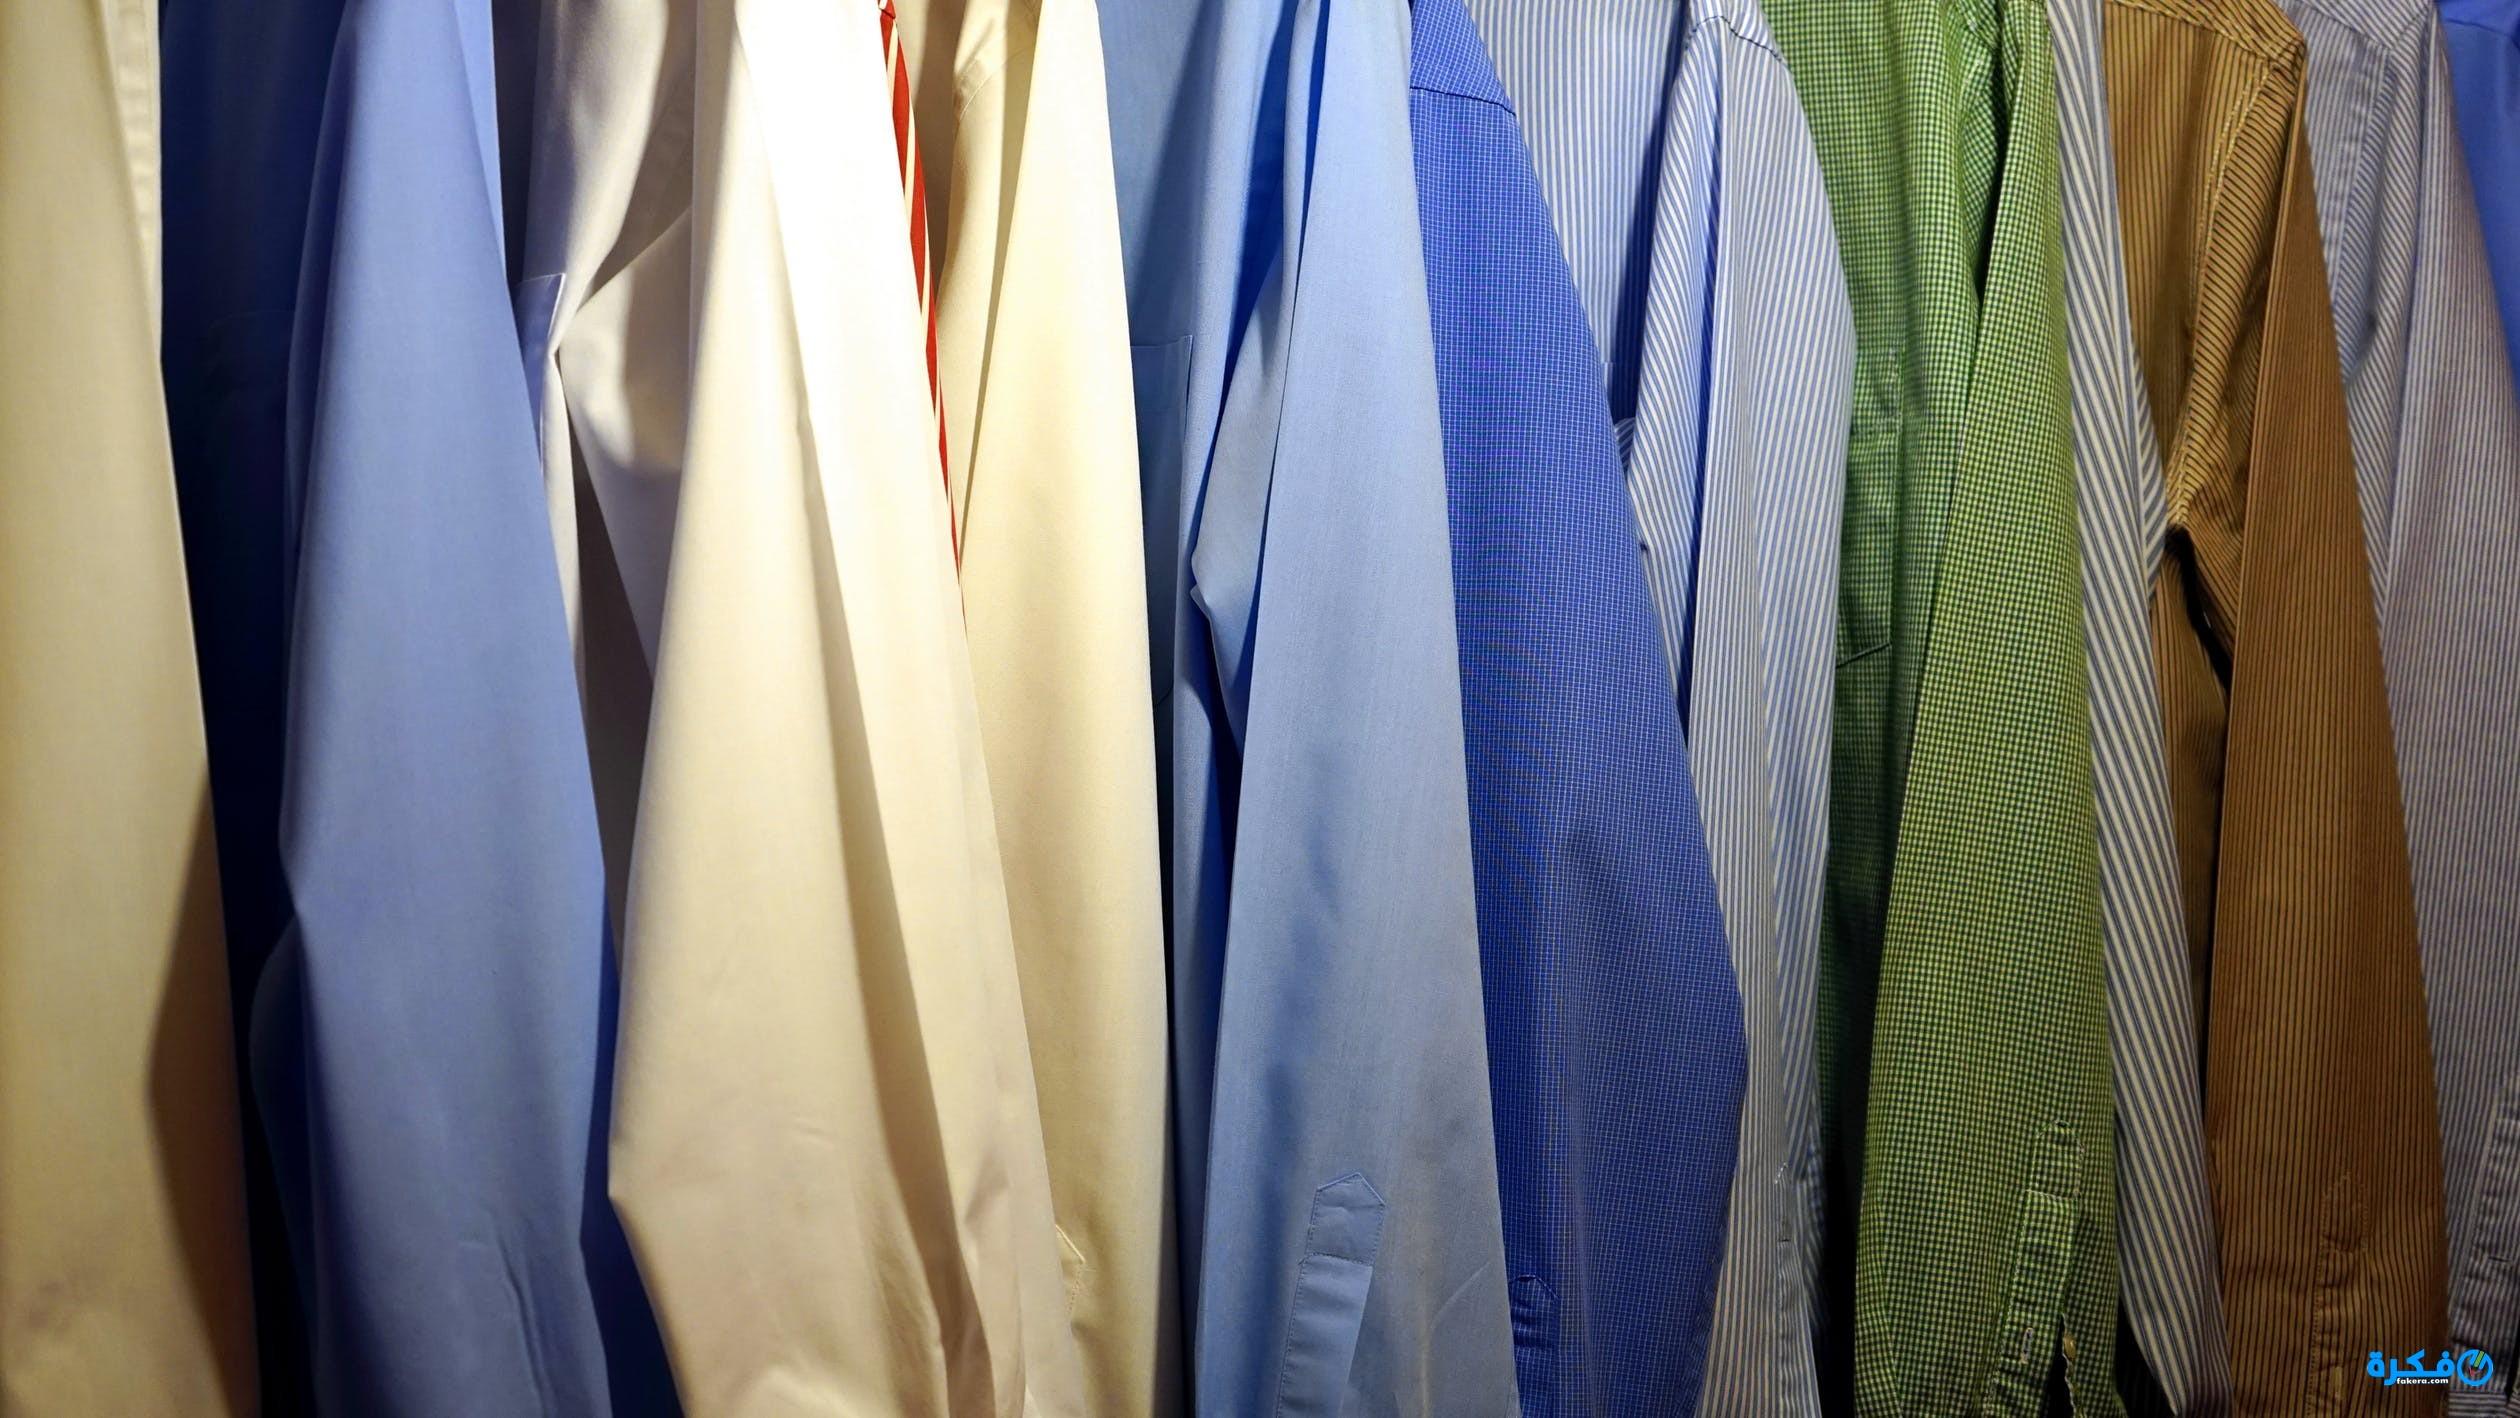 583462ca4b17d تفسير رؤية شراء ملابس جديدة موقع فكرة